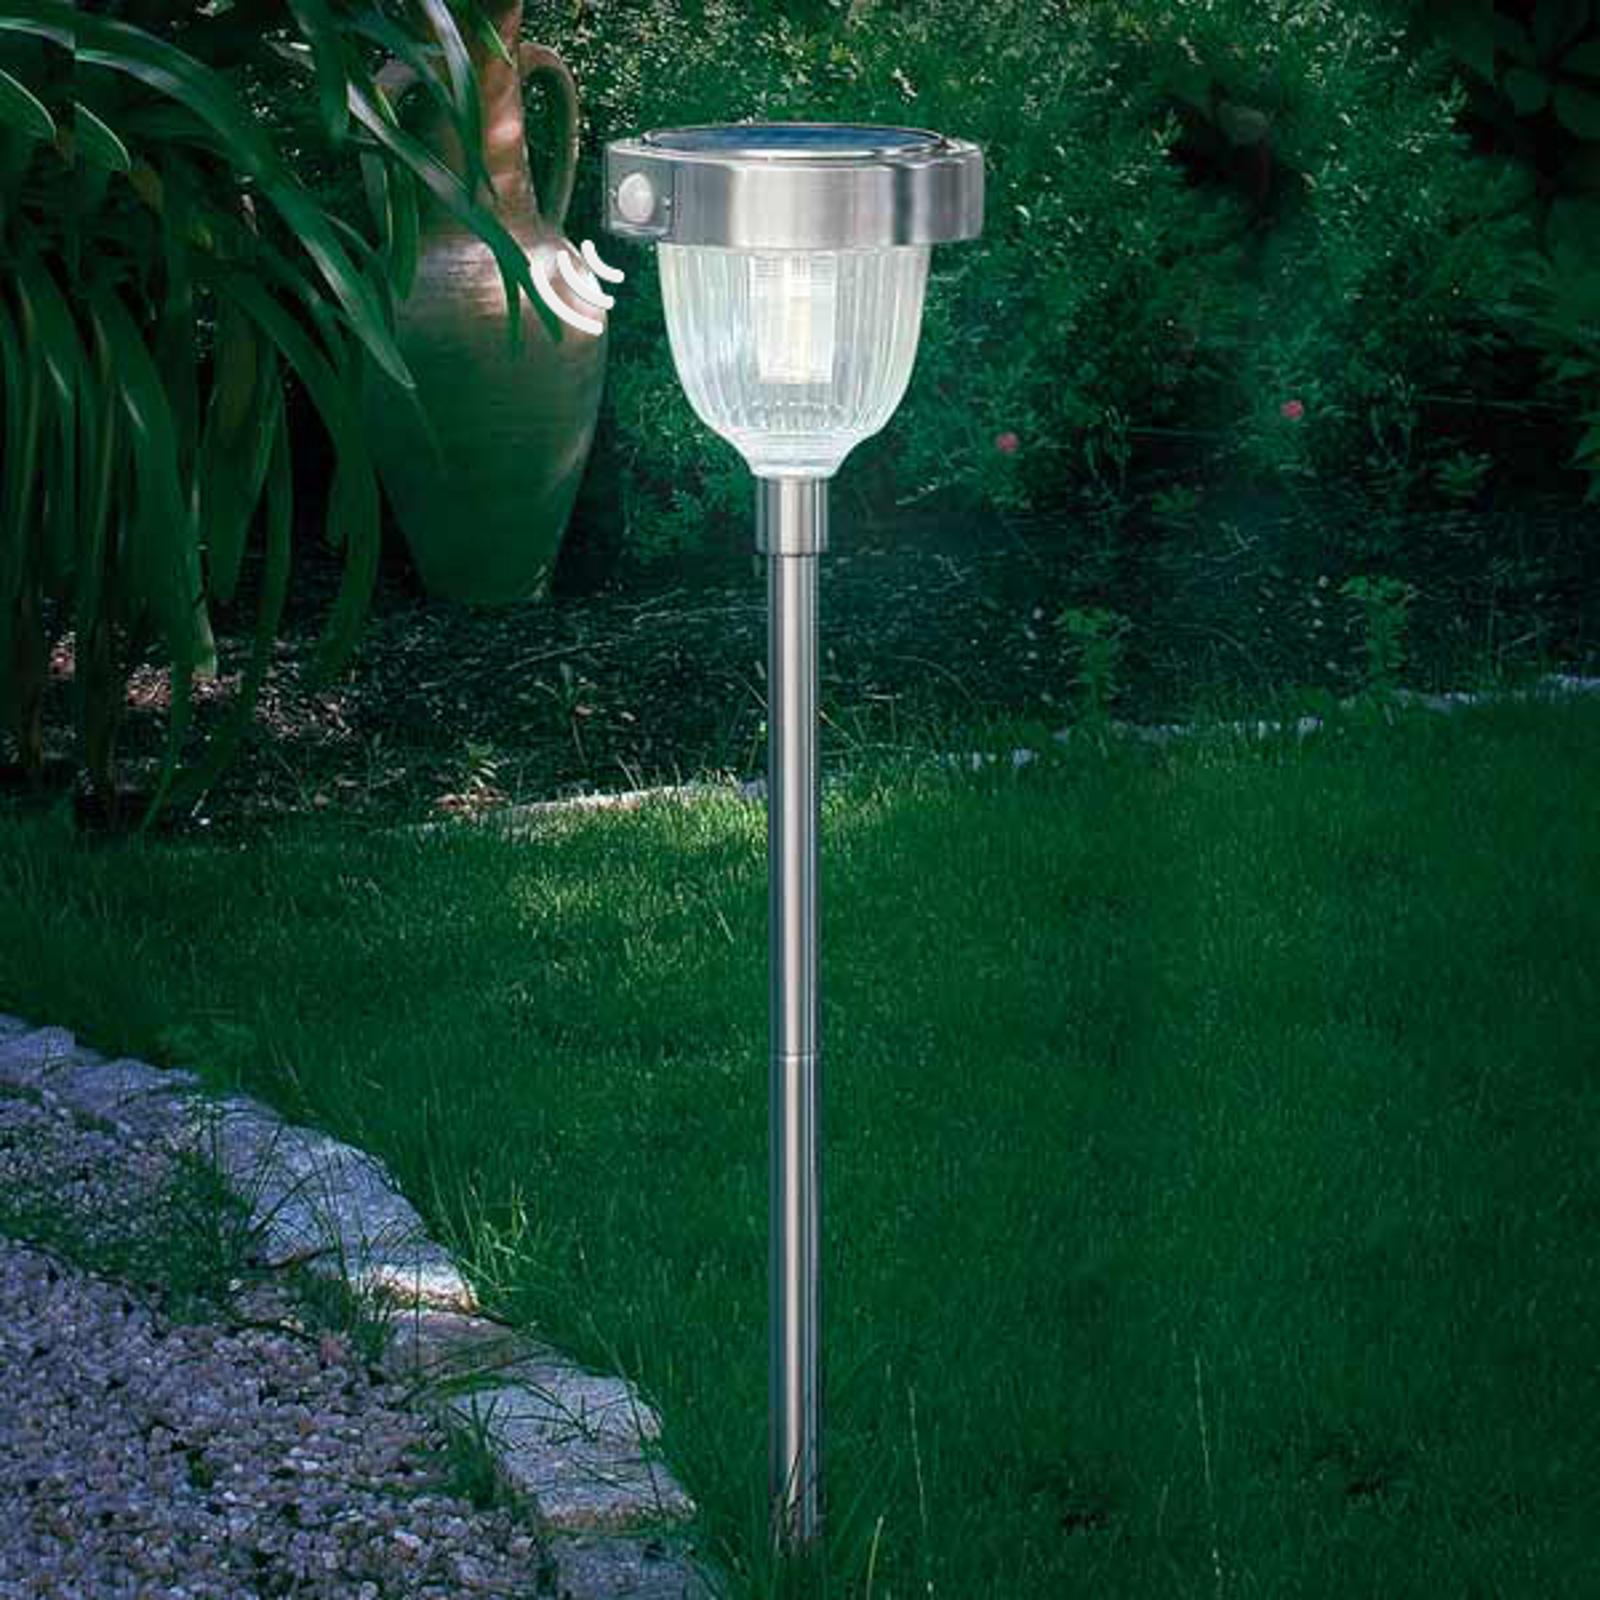 Asinara solar PIR light stainless steel_3012005_1